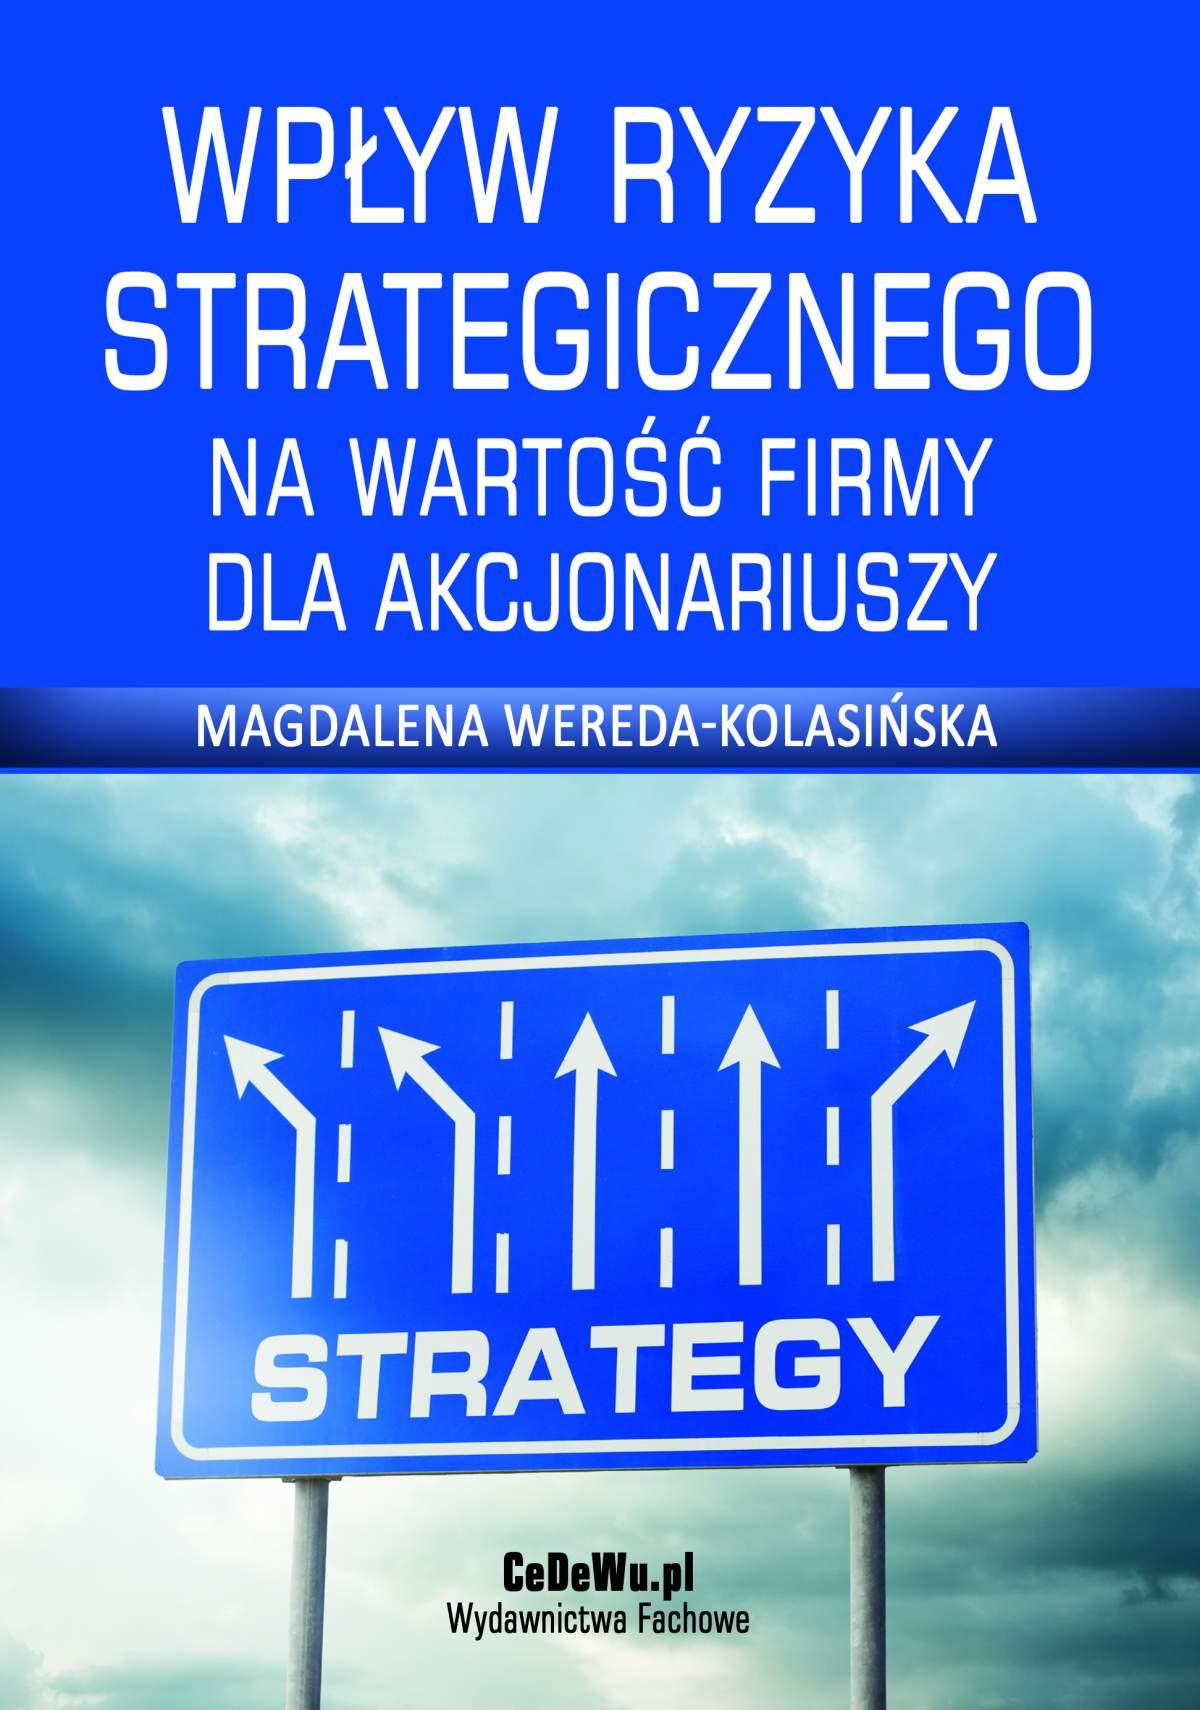 Wpływ ryzyka strategicznego na wartość firmy dla akcjonariuszy. Rozdział 2. Definicja i rola ryzyka oraz zarządzanie ryzykiem - Ebook (Książka PDF) do pobrania w formacie PDF